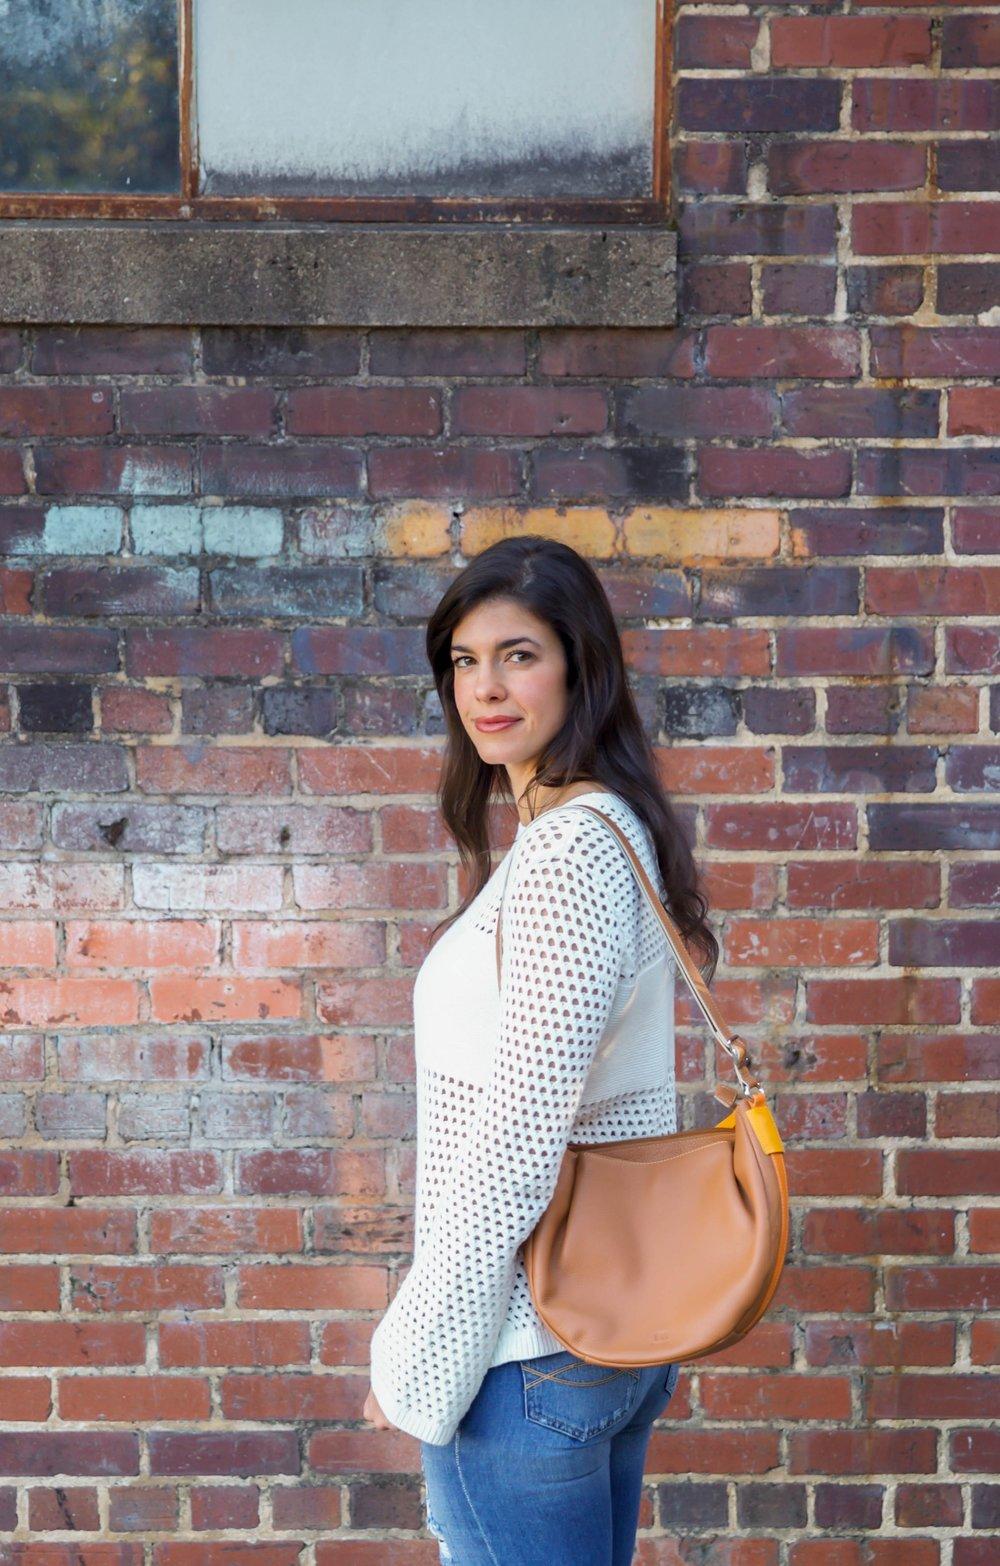 fall-style-ivory-sweater-lauren-schwaiger-style.jpg